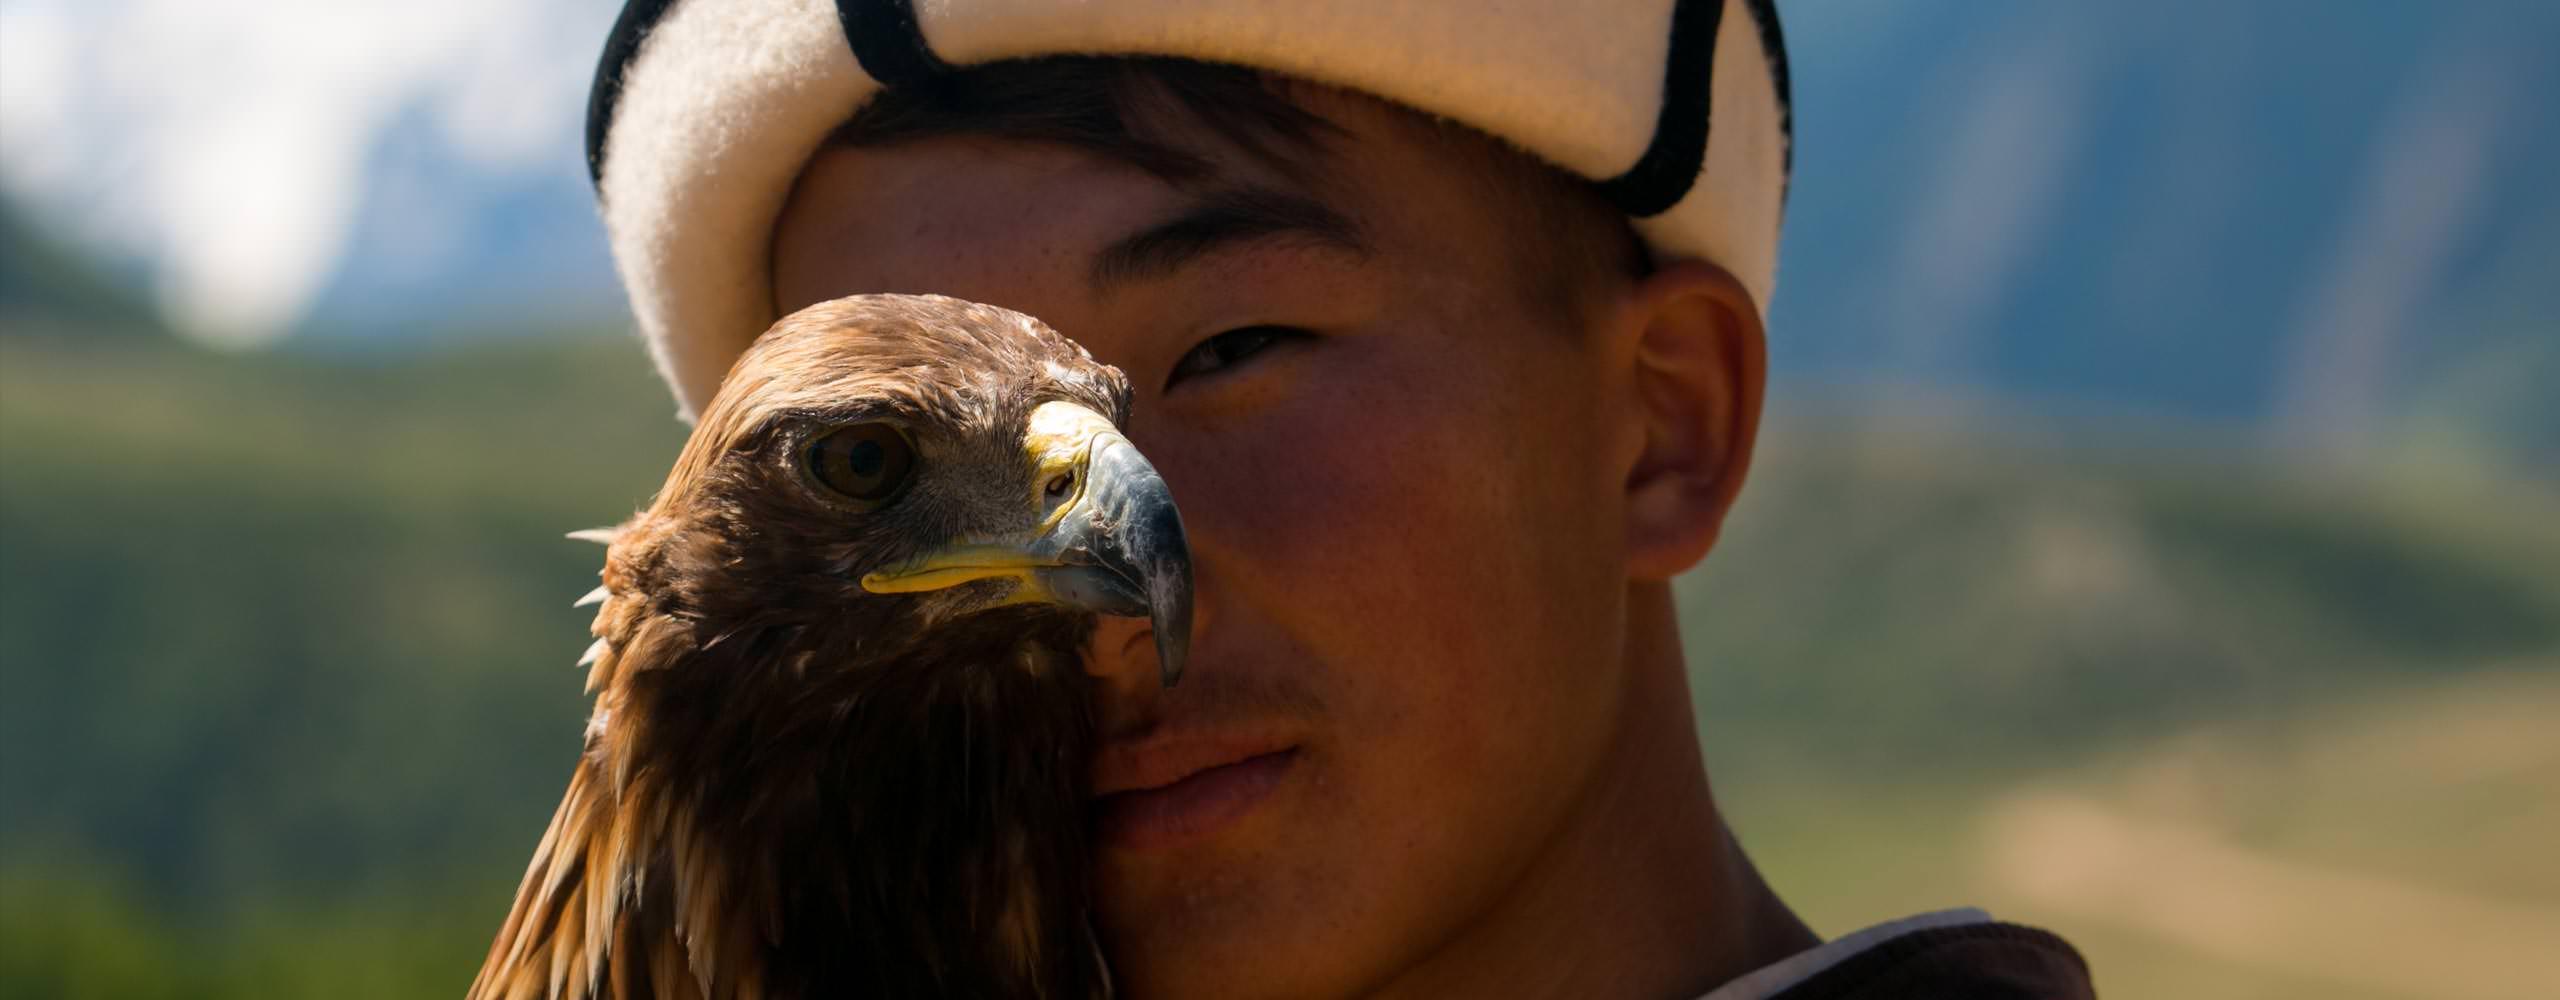 טיול משפחות לקירגיזסטן - 11 יום - על גג העולם